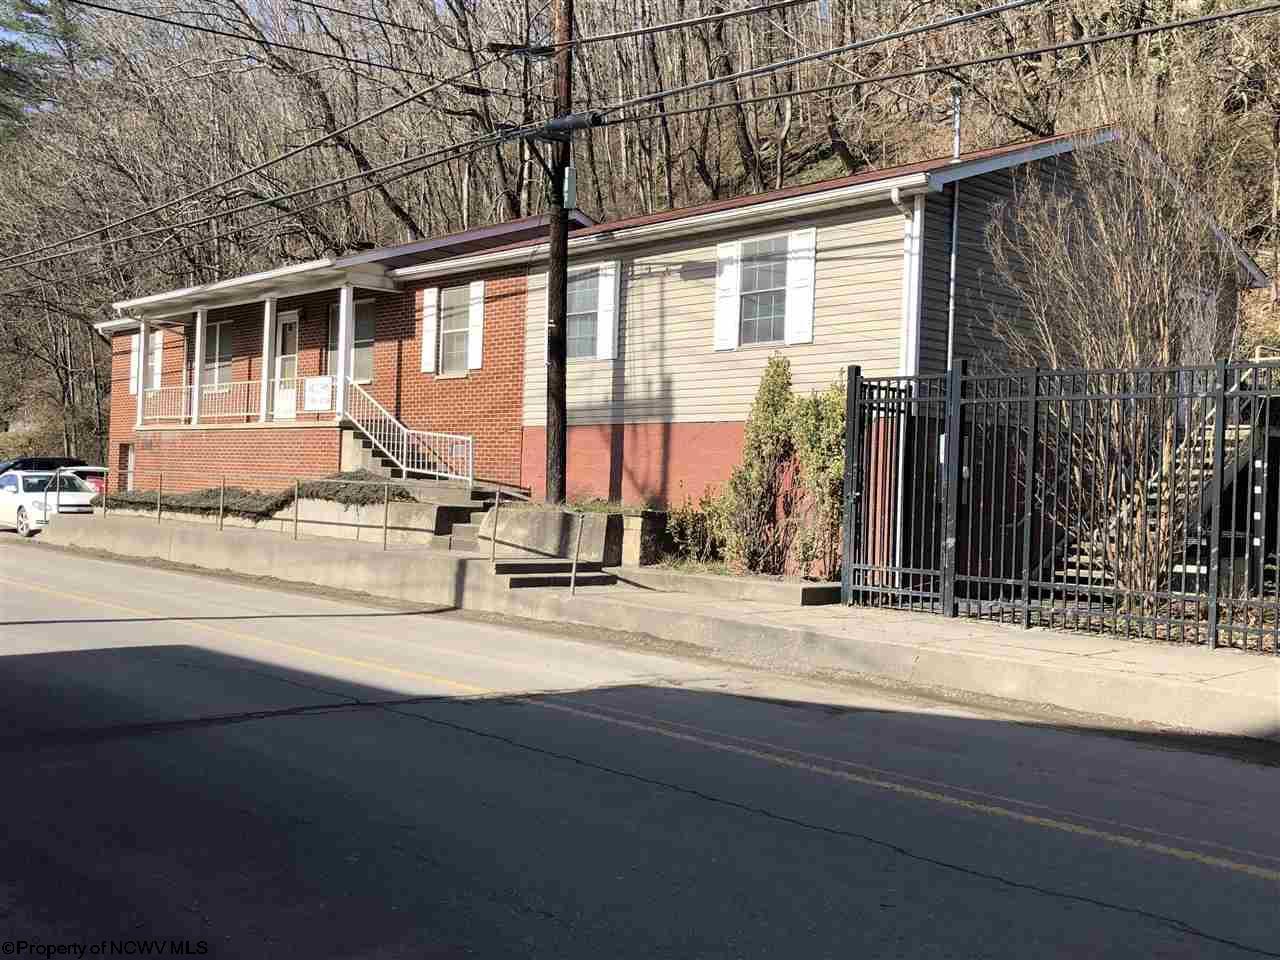 181 B Main Street SUTTON, WV